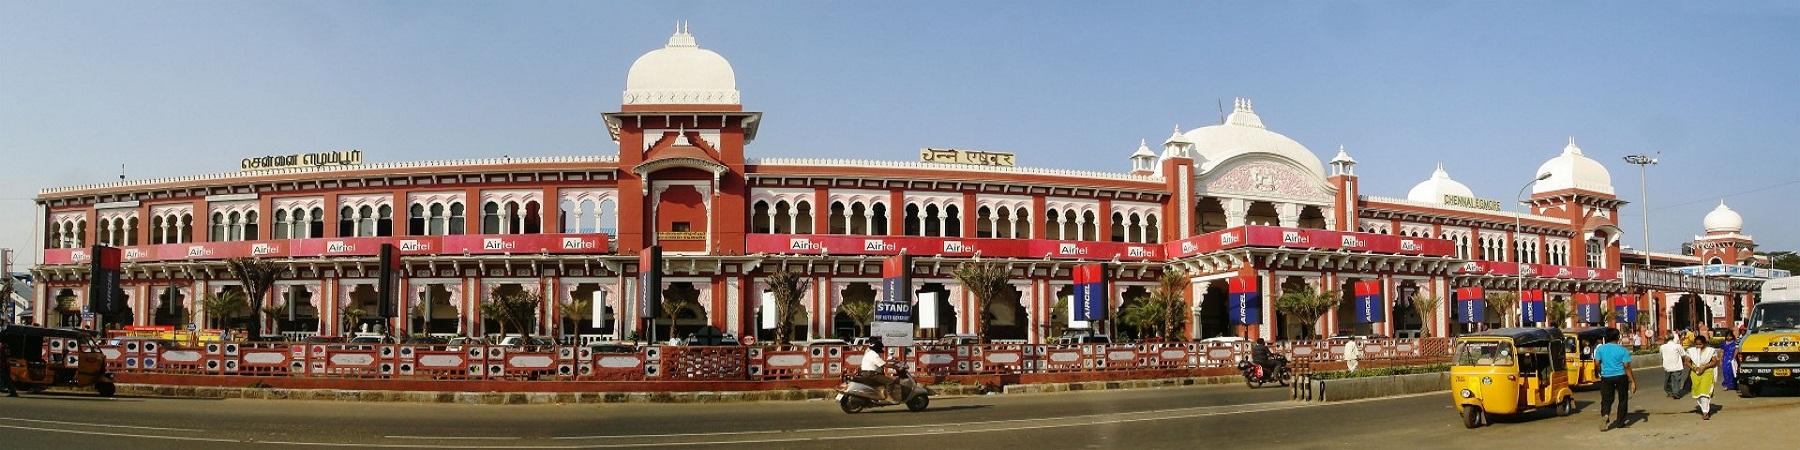 சென்னை எழும்புா் இரயில் நிலையம்